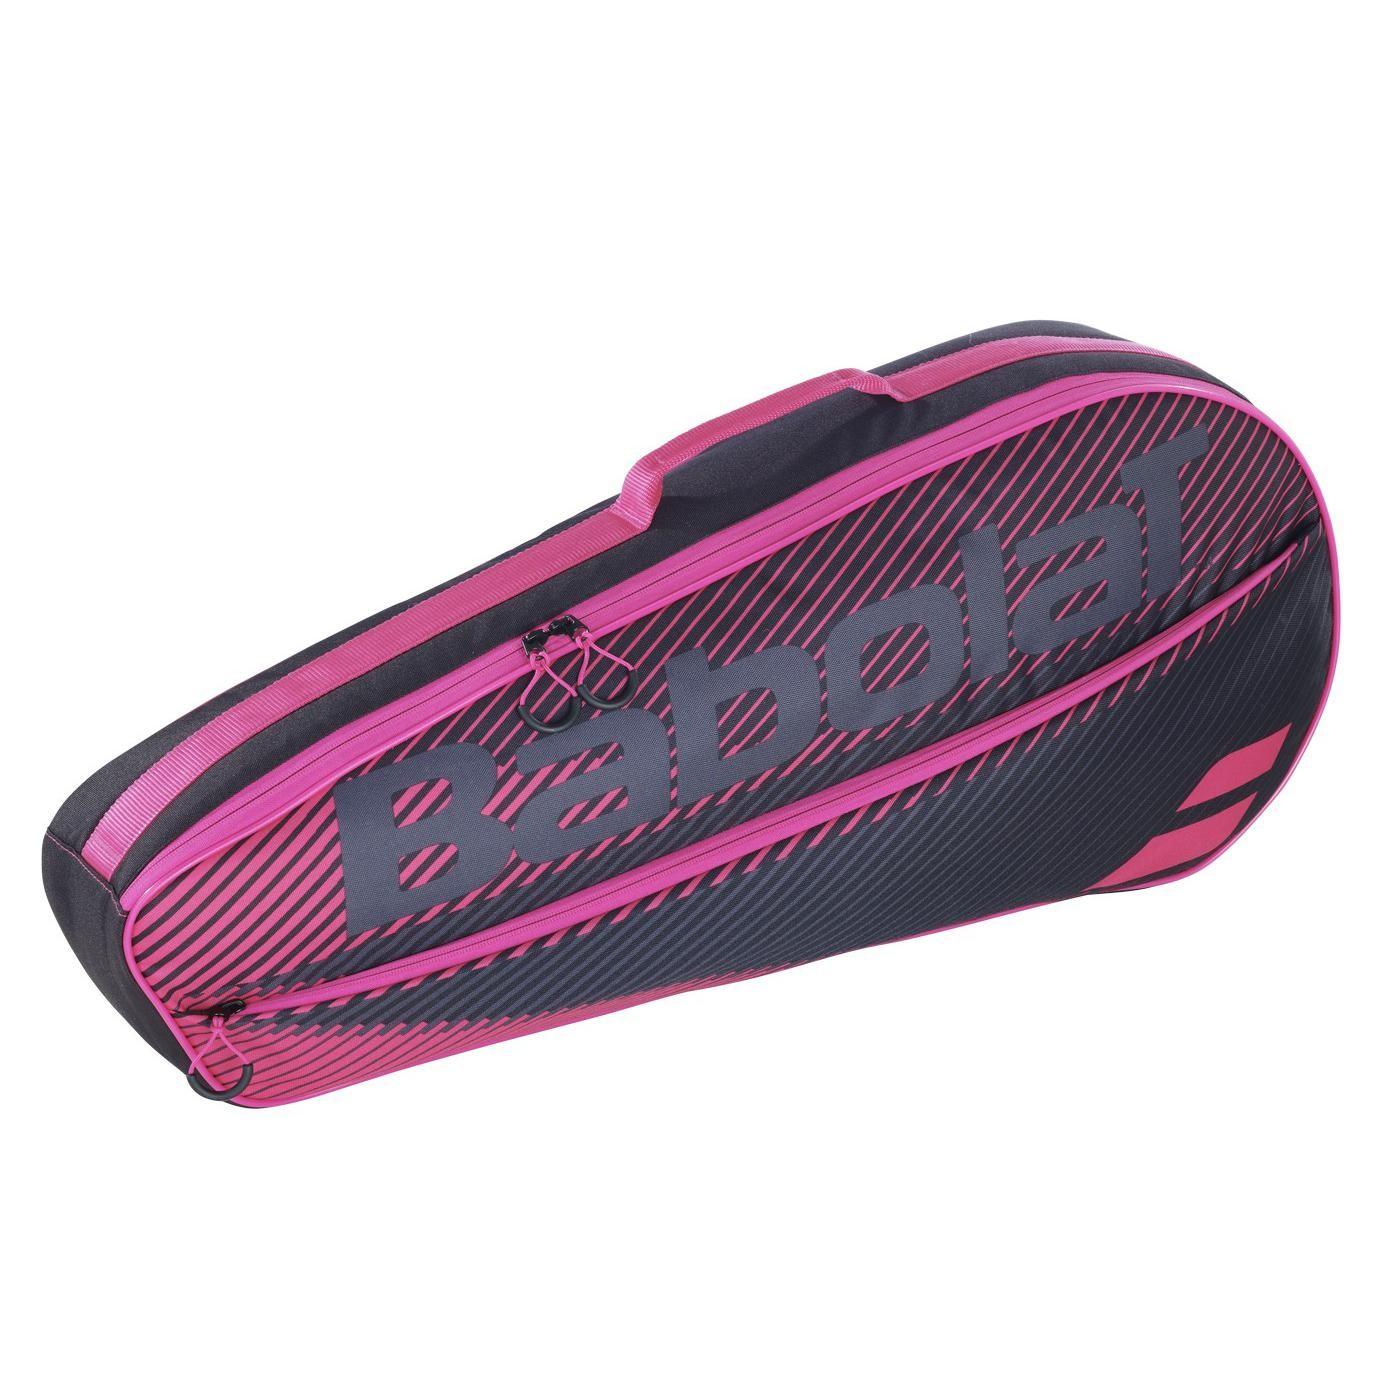 Torba tenisowa Babolat Club x3 Pink